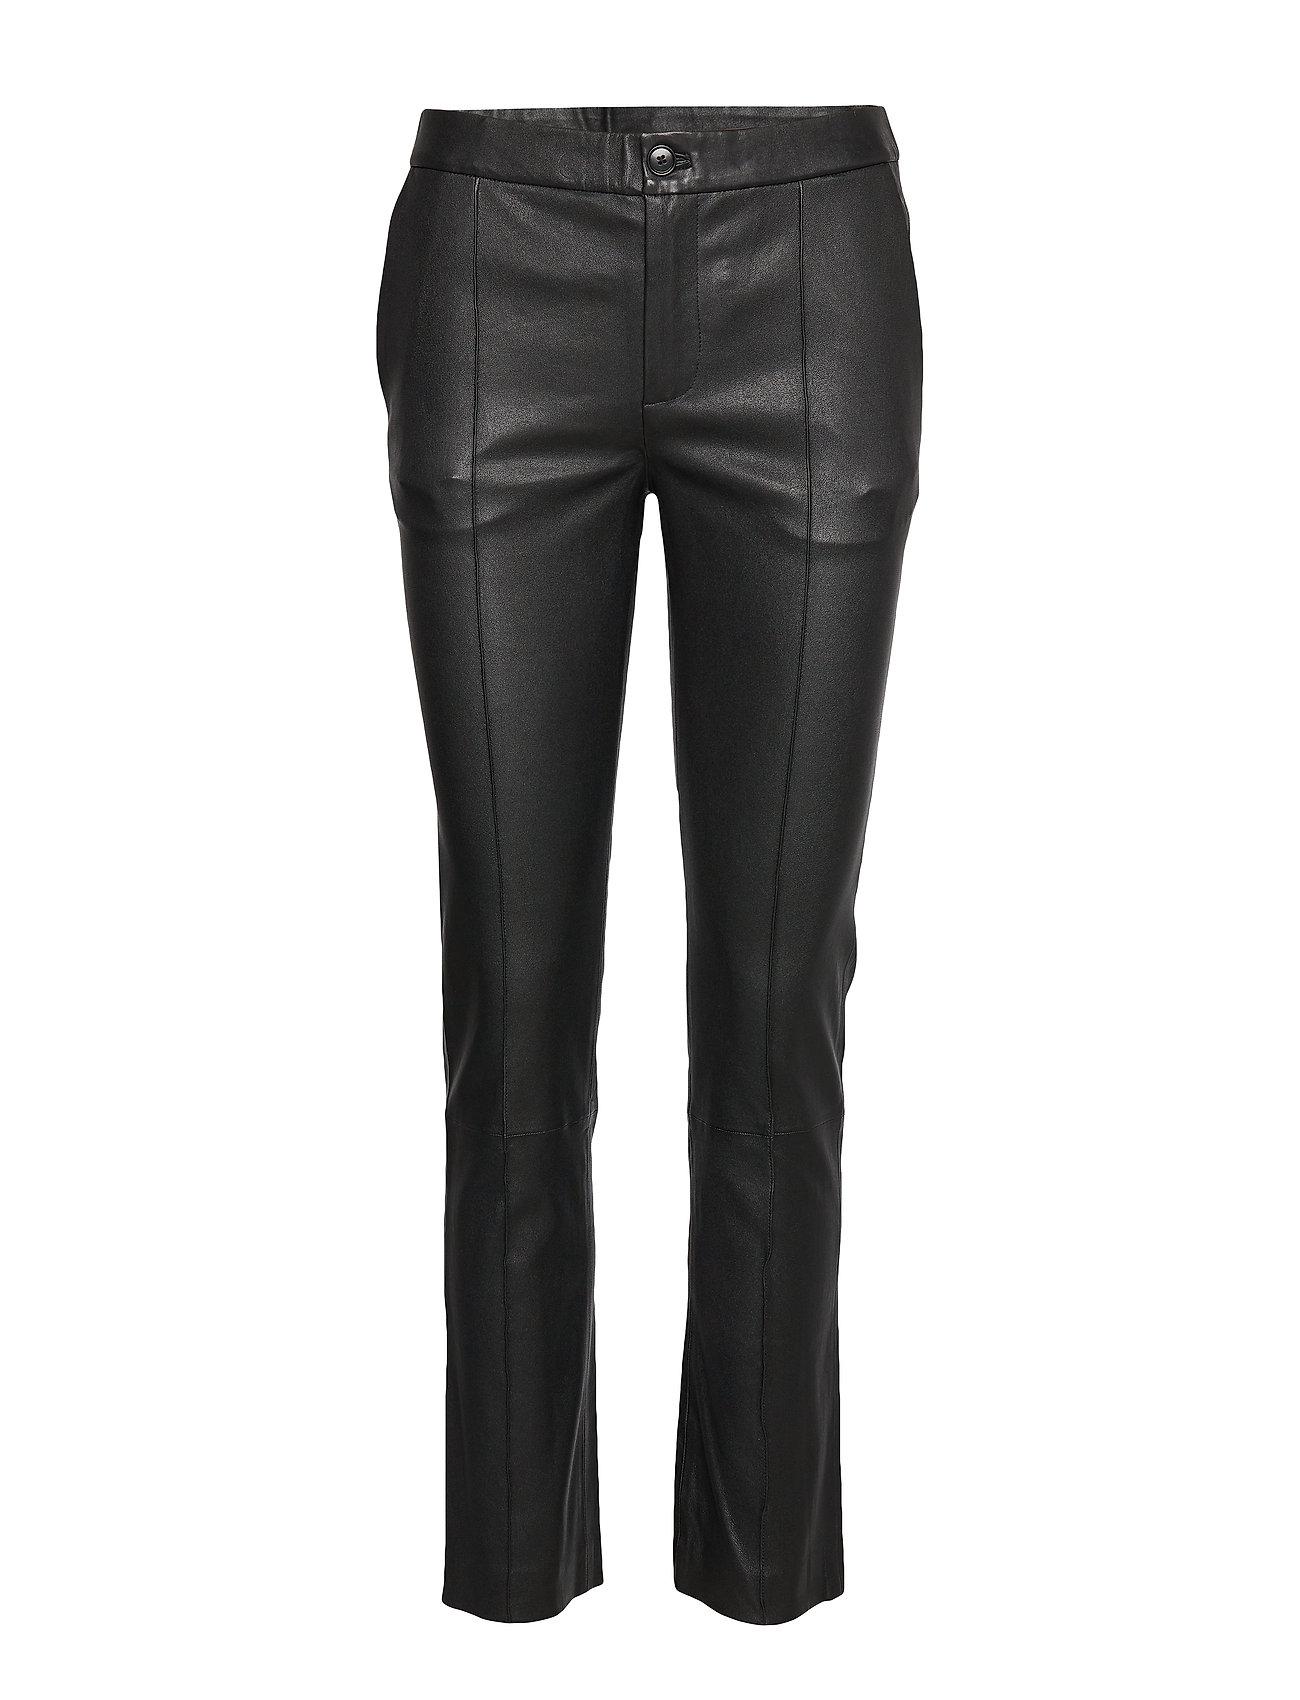 Image of Day Doguna Leather Leggings/Bukser Sort DAY BIRGER ET MIKKELSEN (3210820109)